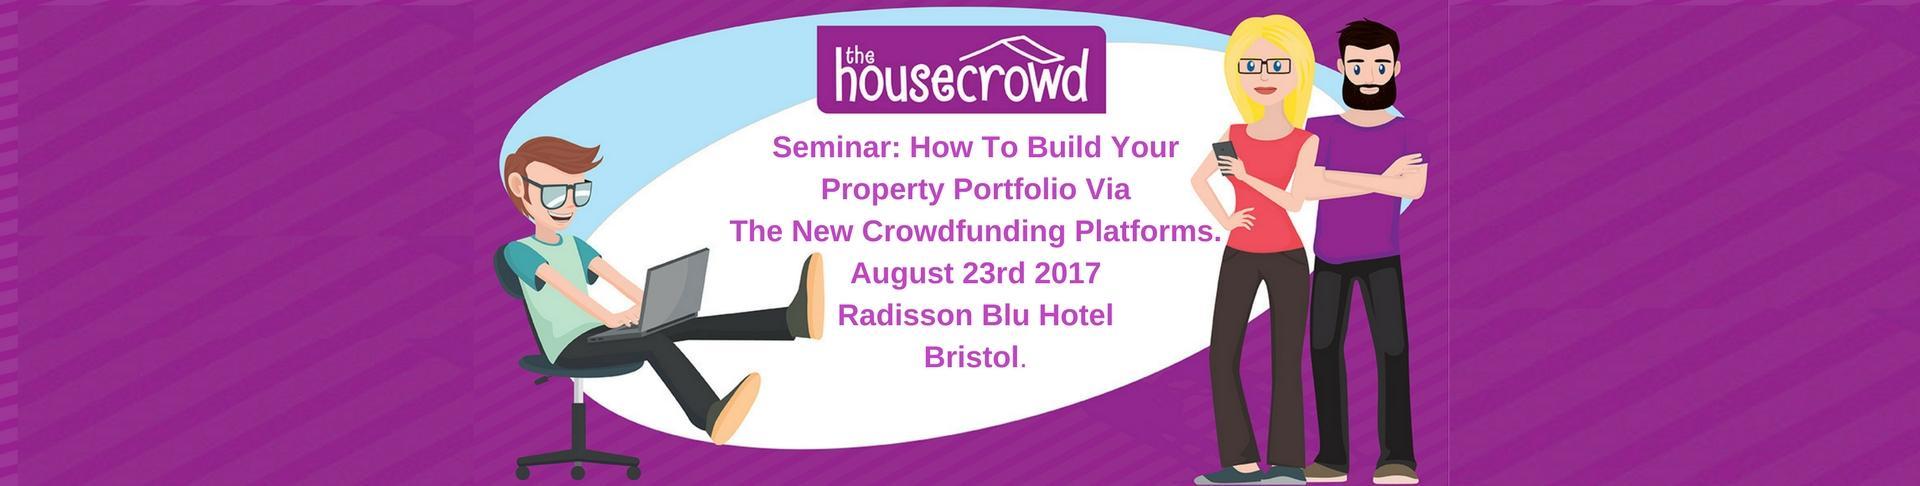 Seminar:How To Build A PropertyPortfolio Via